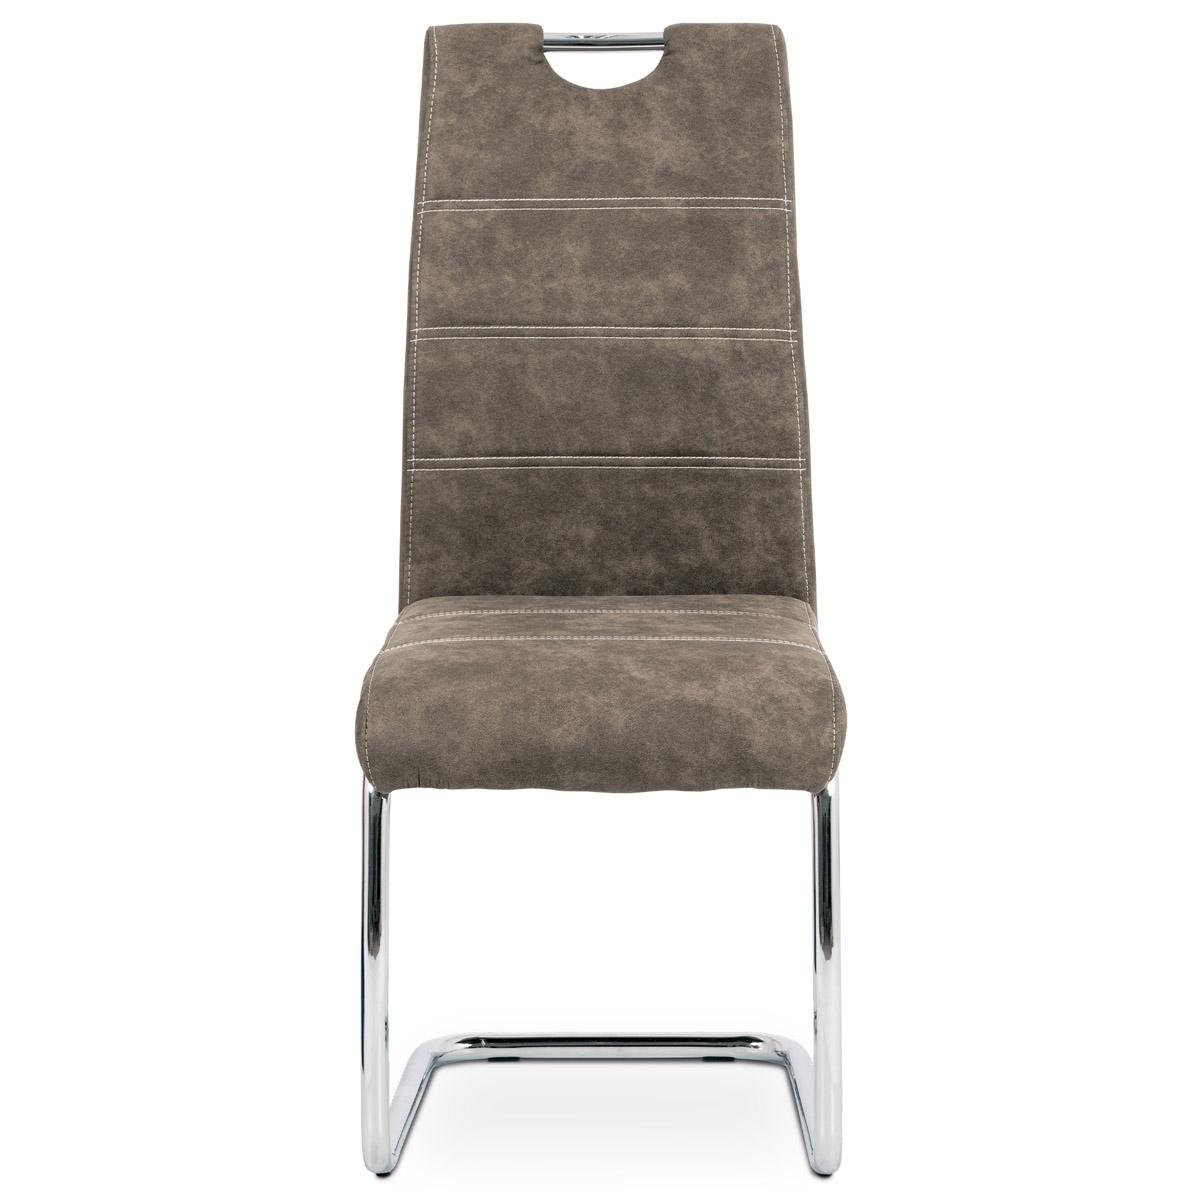 Jídelní židle, potah hnědá látka COWBOY v dekoru vintage kůže, kovová chromovaná - HC-483 BR3